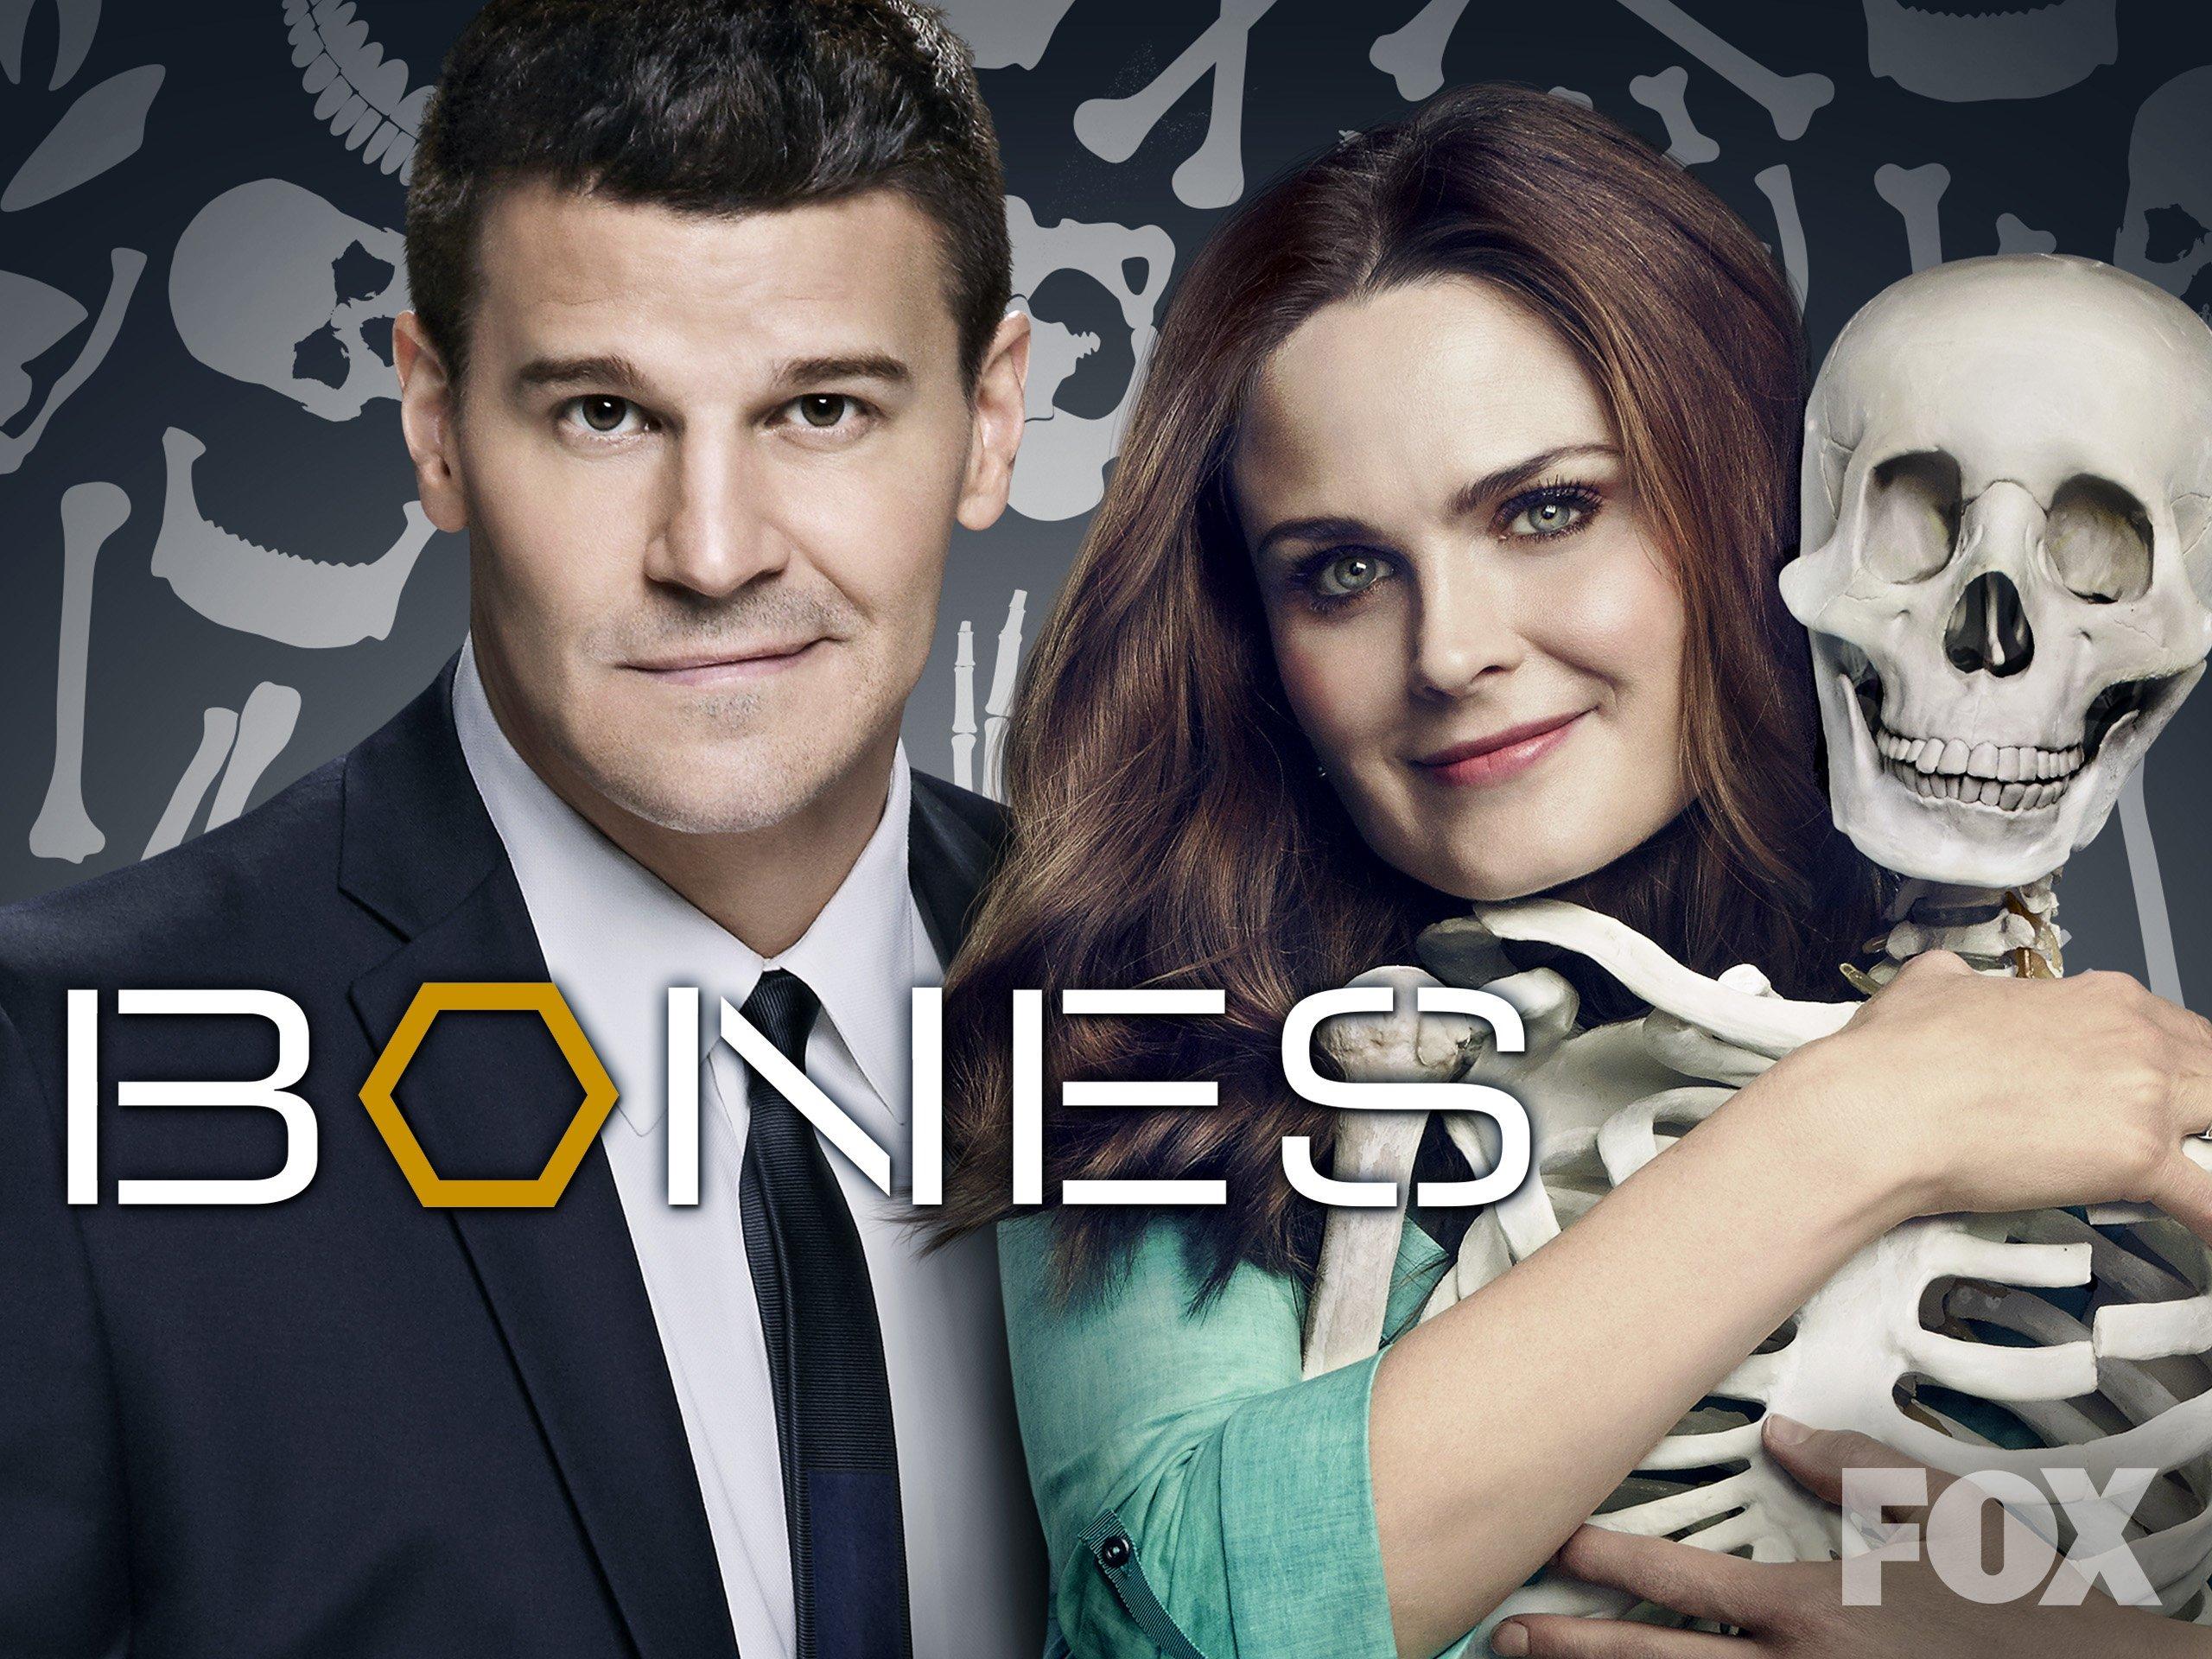 bones season 10 episode 1 torrent